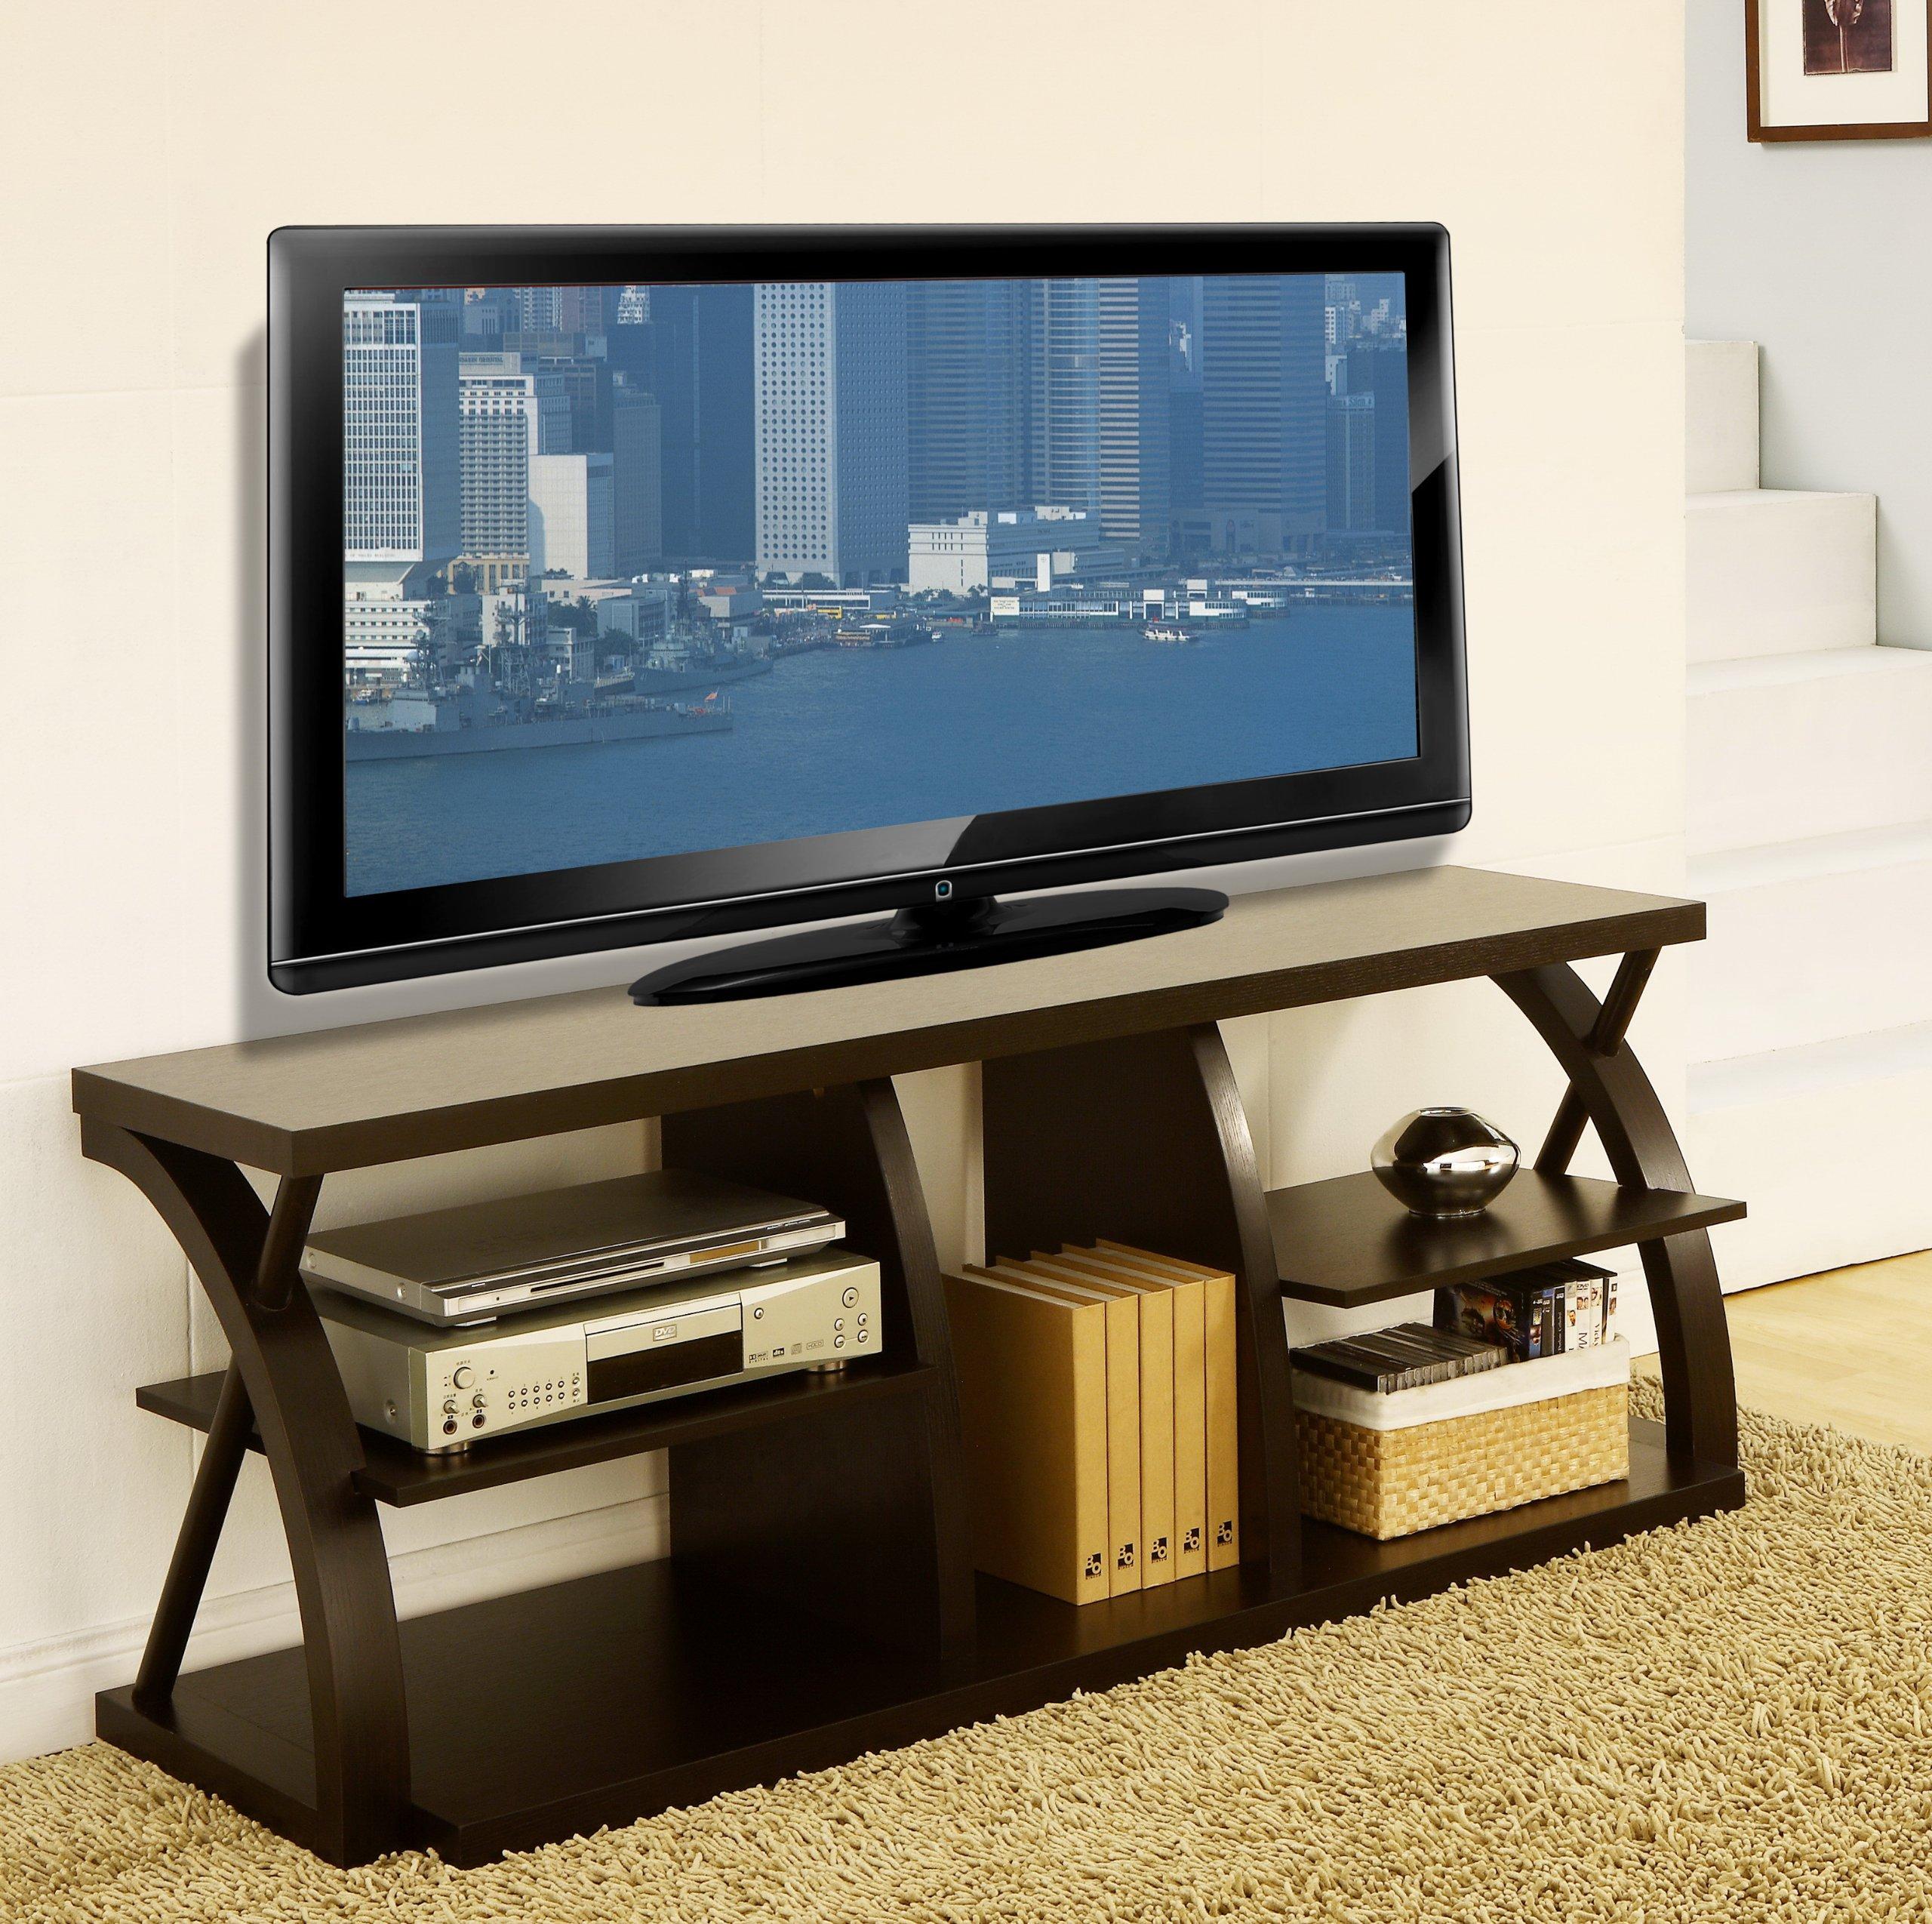 ioHOMES Baltic 60-Inch Tv Stand, Dark Espresso